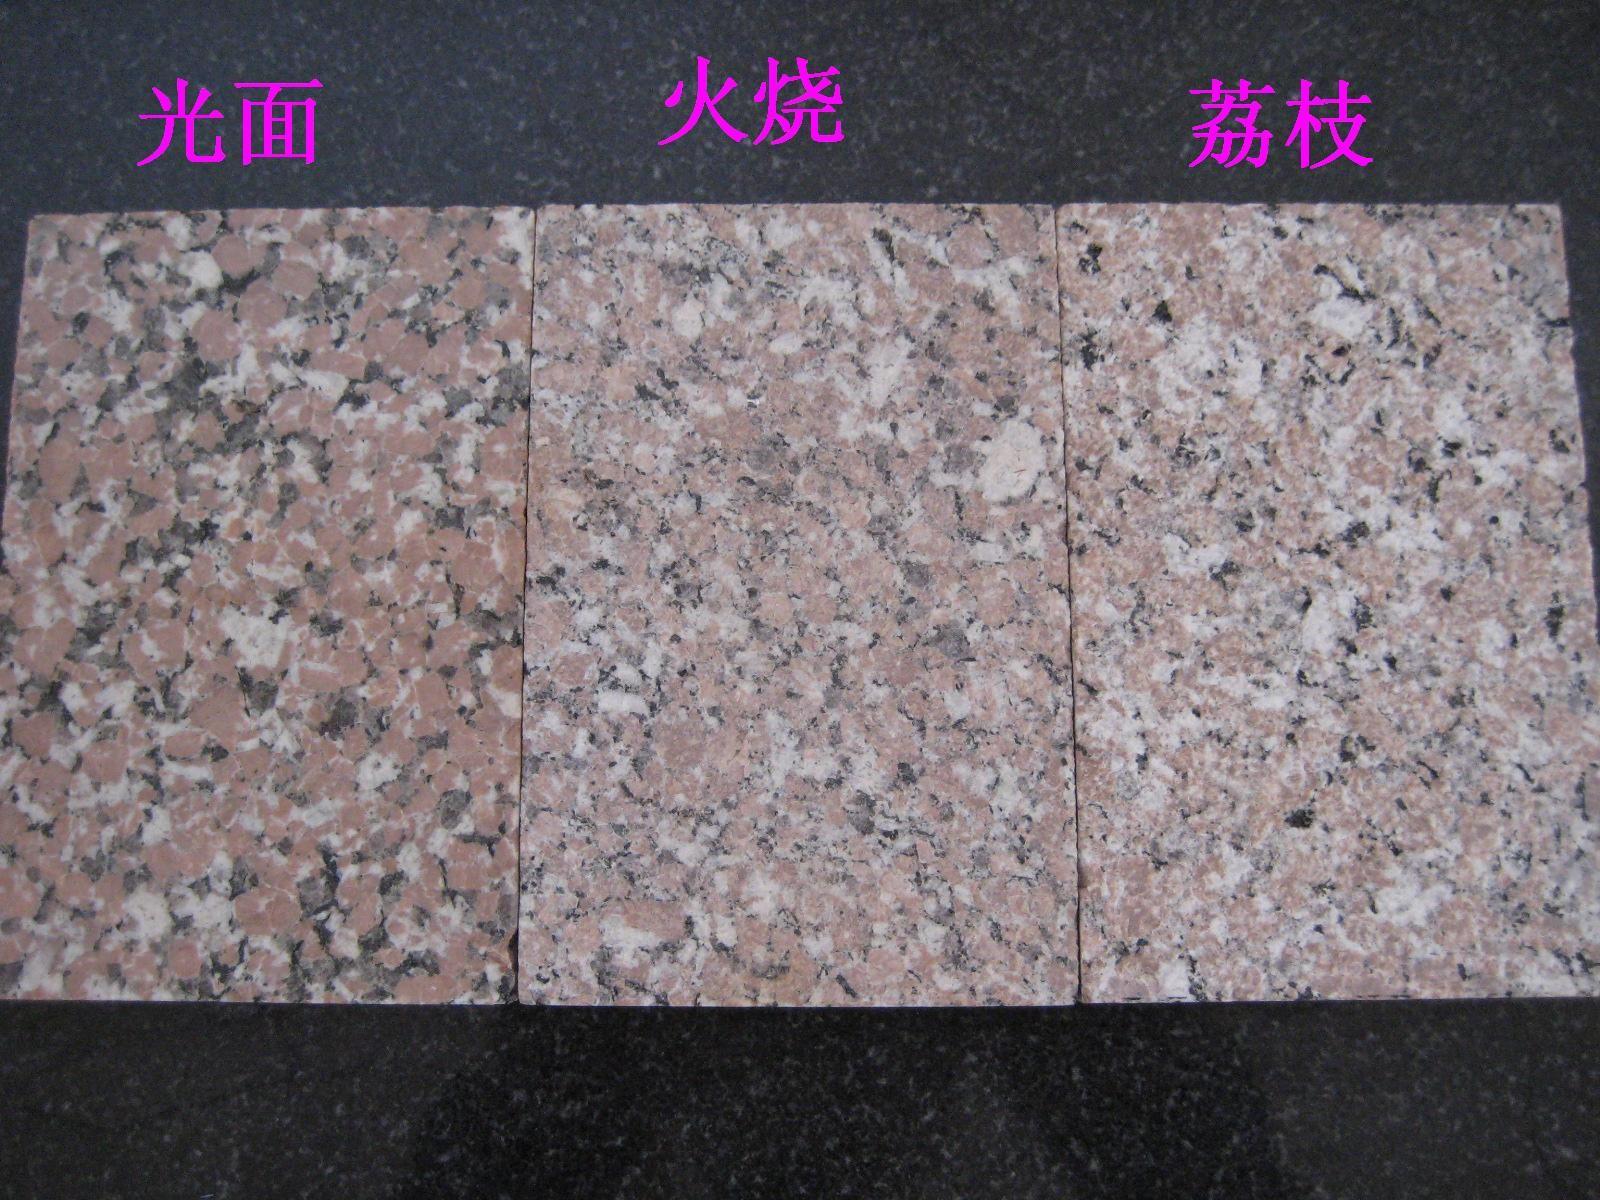 玫瑰 粉红/供应石岛红7号、粉红玫瑰(图)